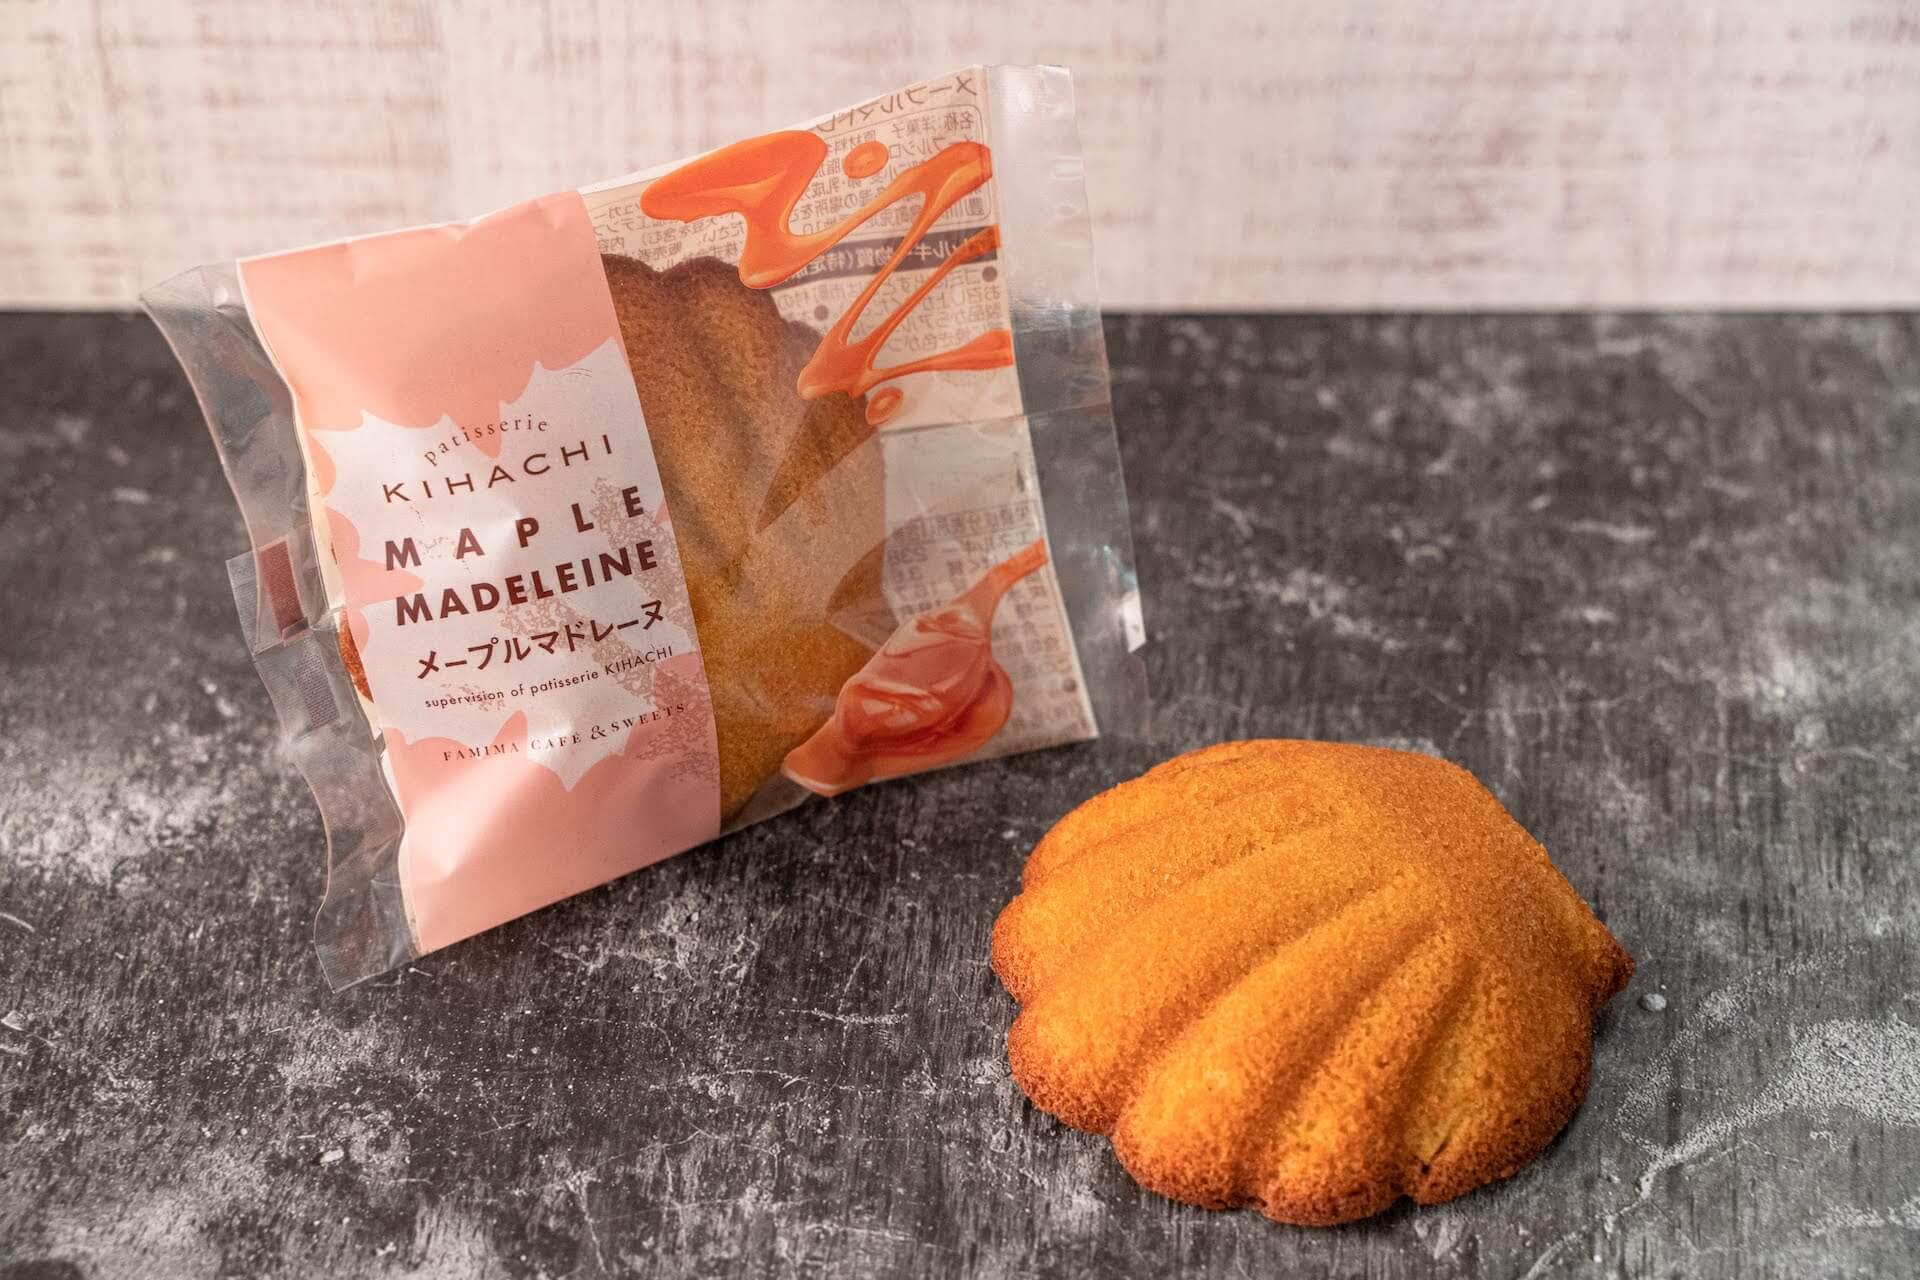 ファミリーマートにてpatisserie KIHACHI監修の焼き菓子5種類が新登場!メープルたっぷりの「メープルバウムクーヘン」など5種類 gourmet210319_familymart_bake_5